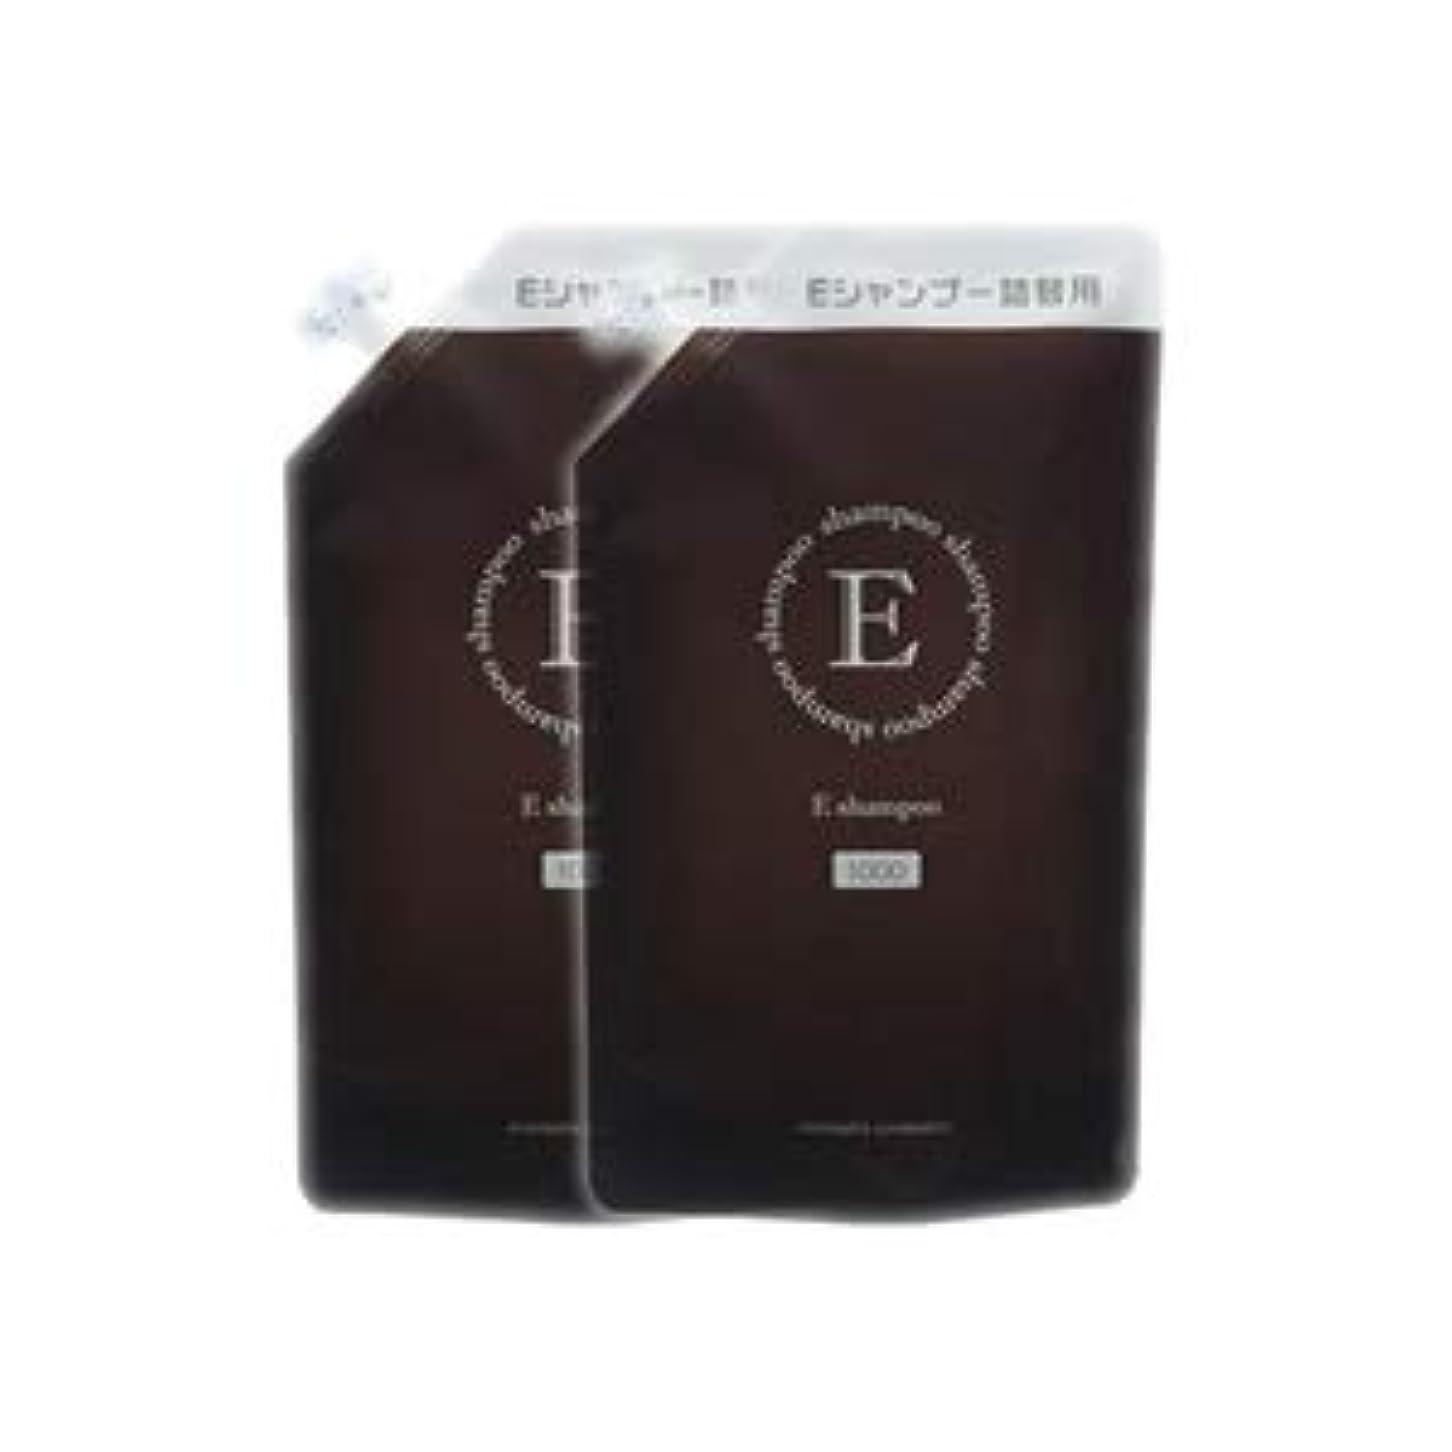 排泄物ペルソナスポンジエバメール Eシャンプー 1000ml 詰替え用 2本セット